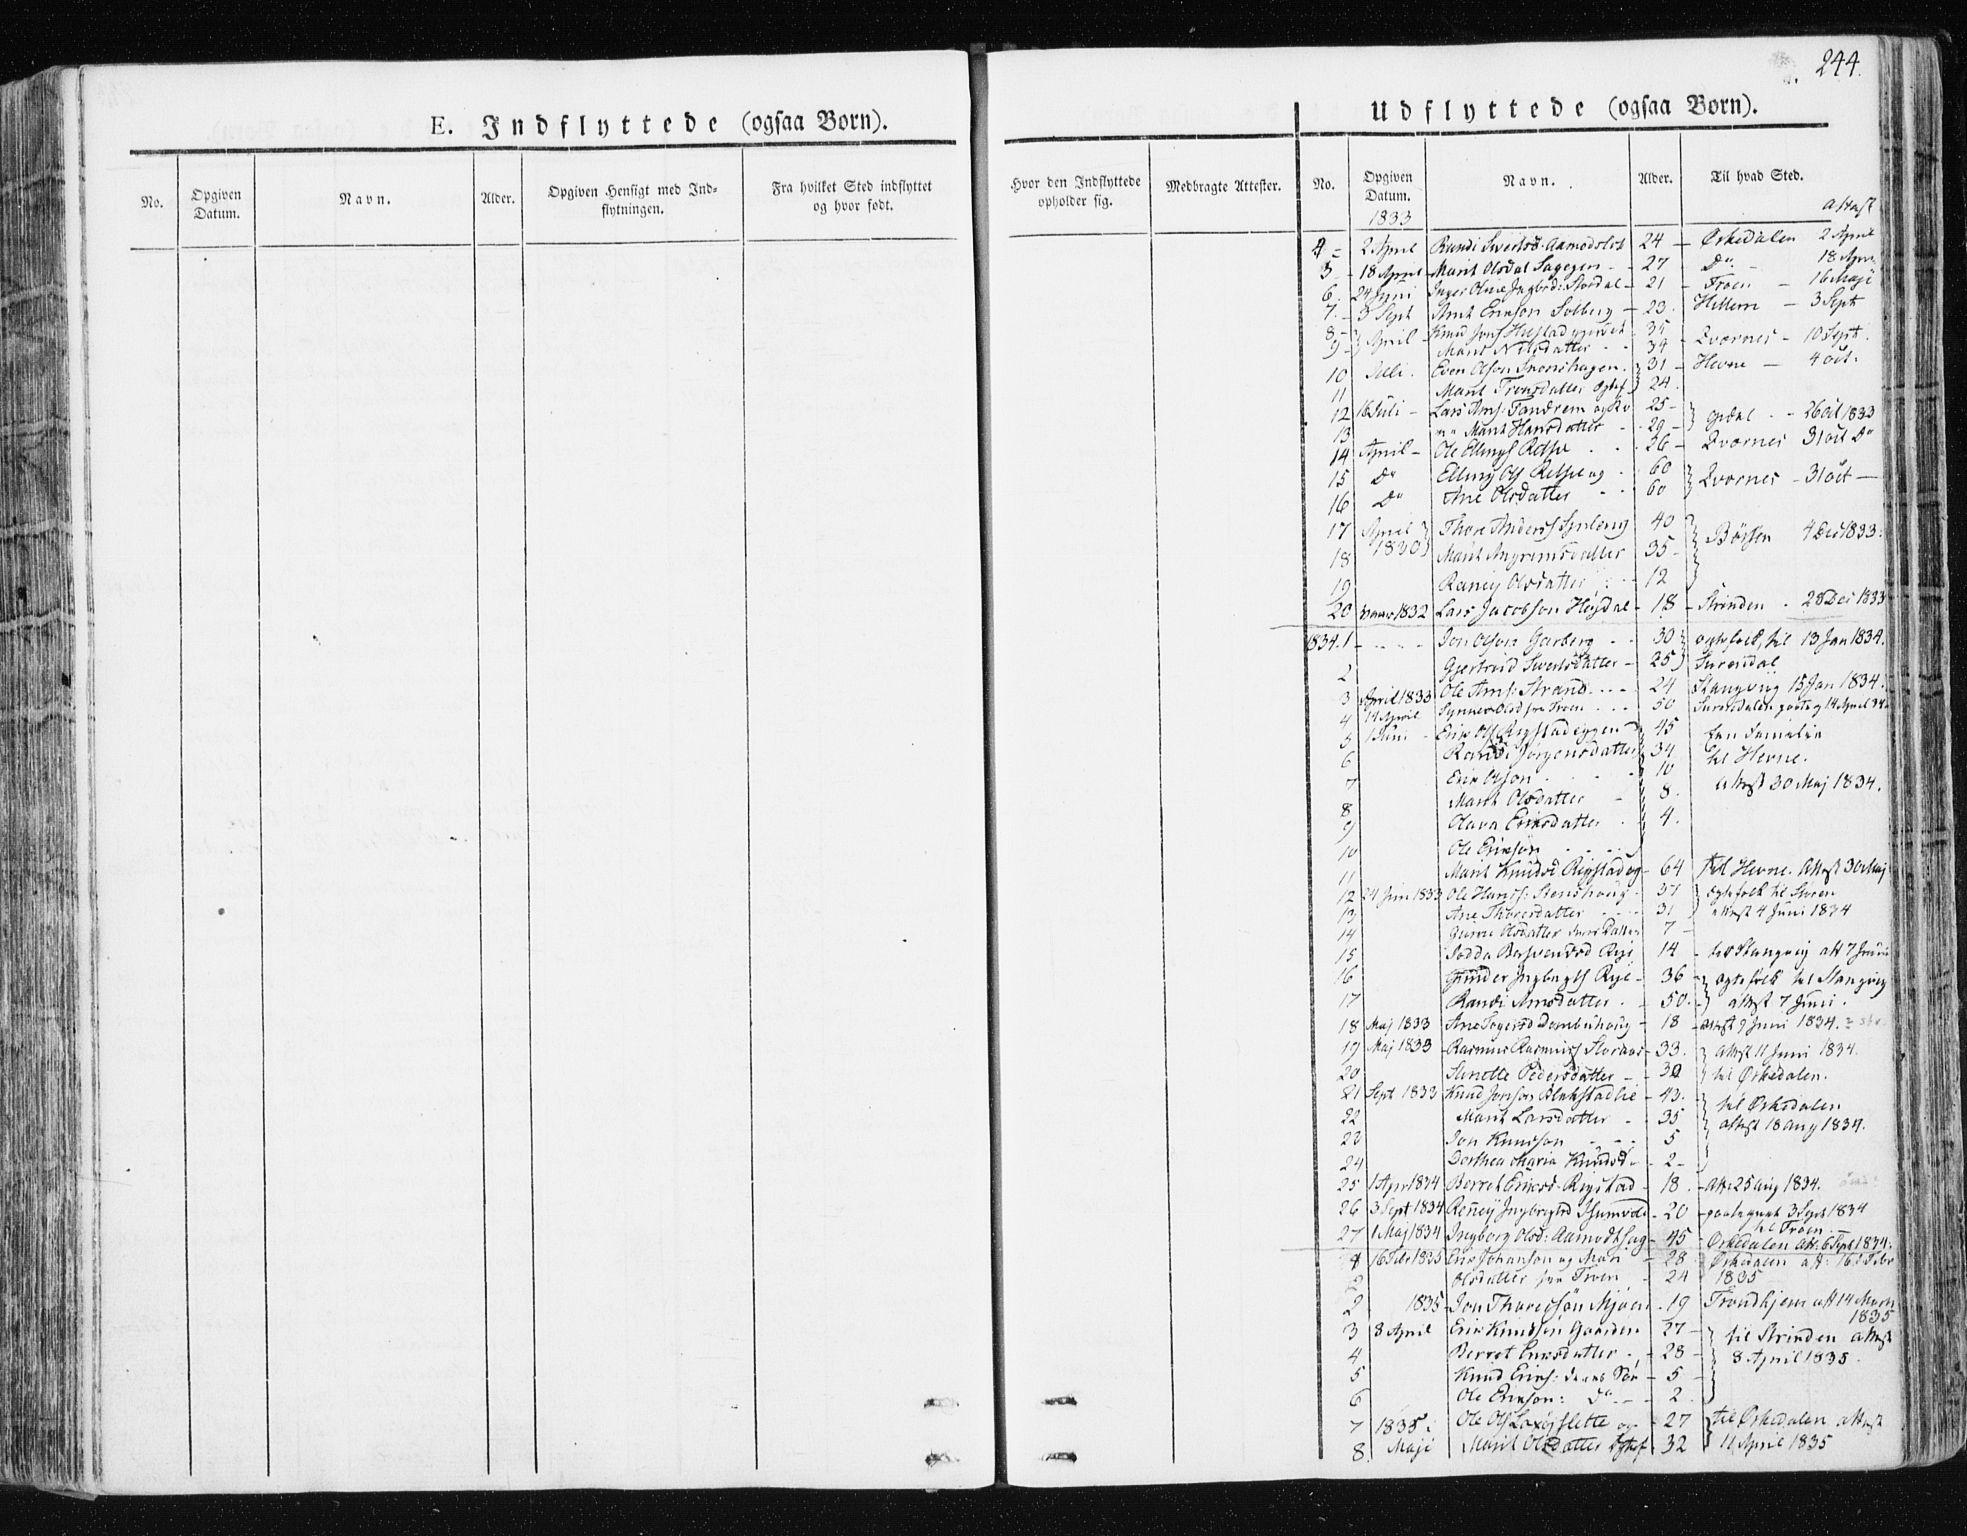 SAT, Ministerialprotokoller, klokkerbøker og fødselsregistre - Sør-Trøndelag, 672/L0855: Ministerialbok nr. 672A07, 1829-1860, s. 244